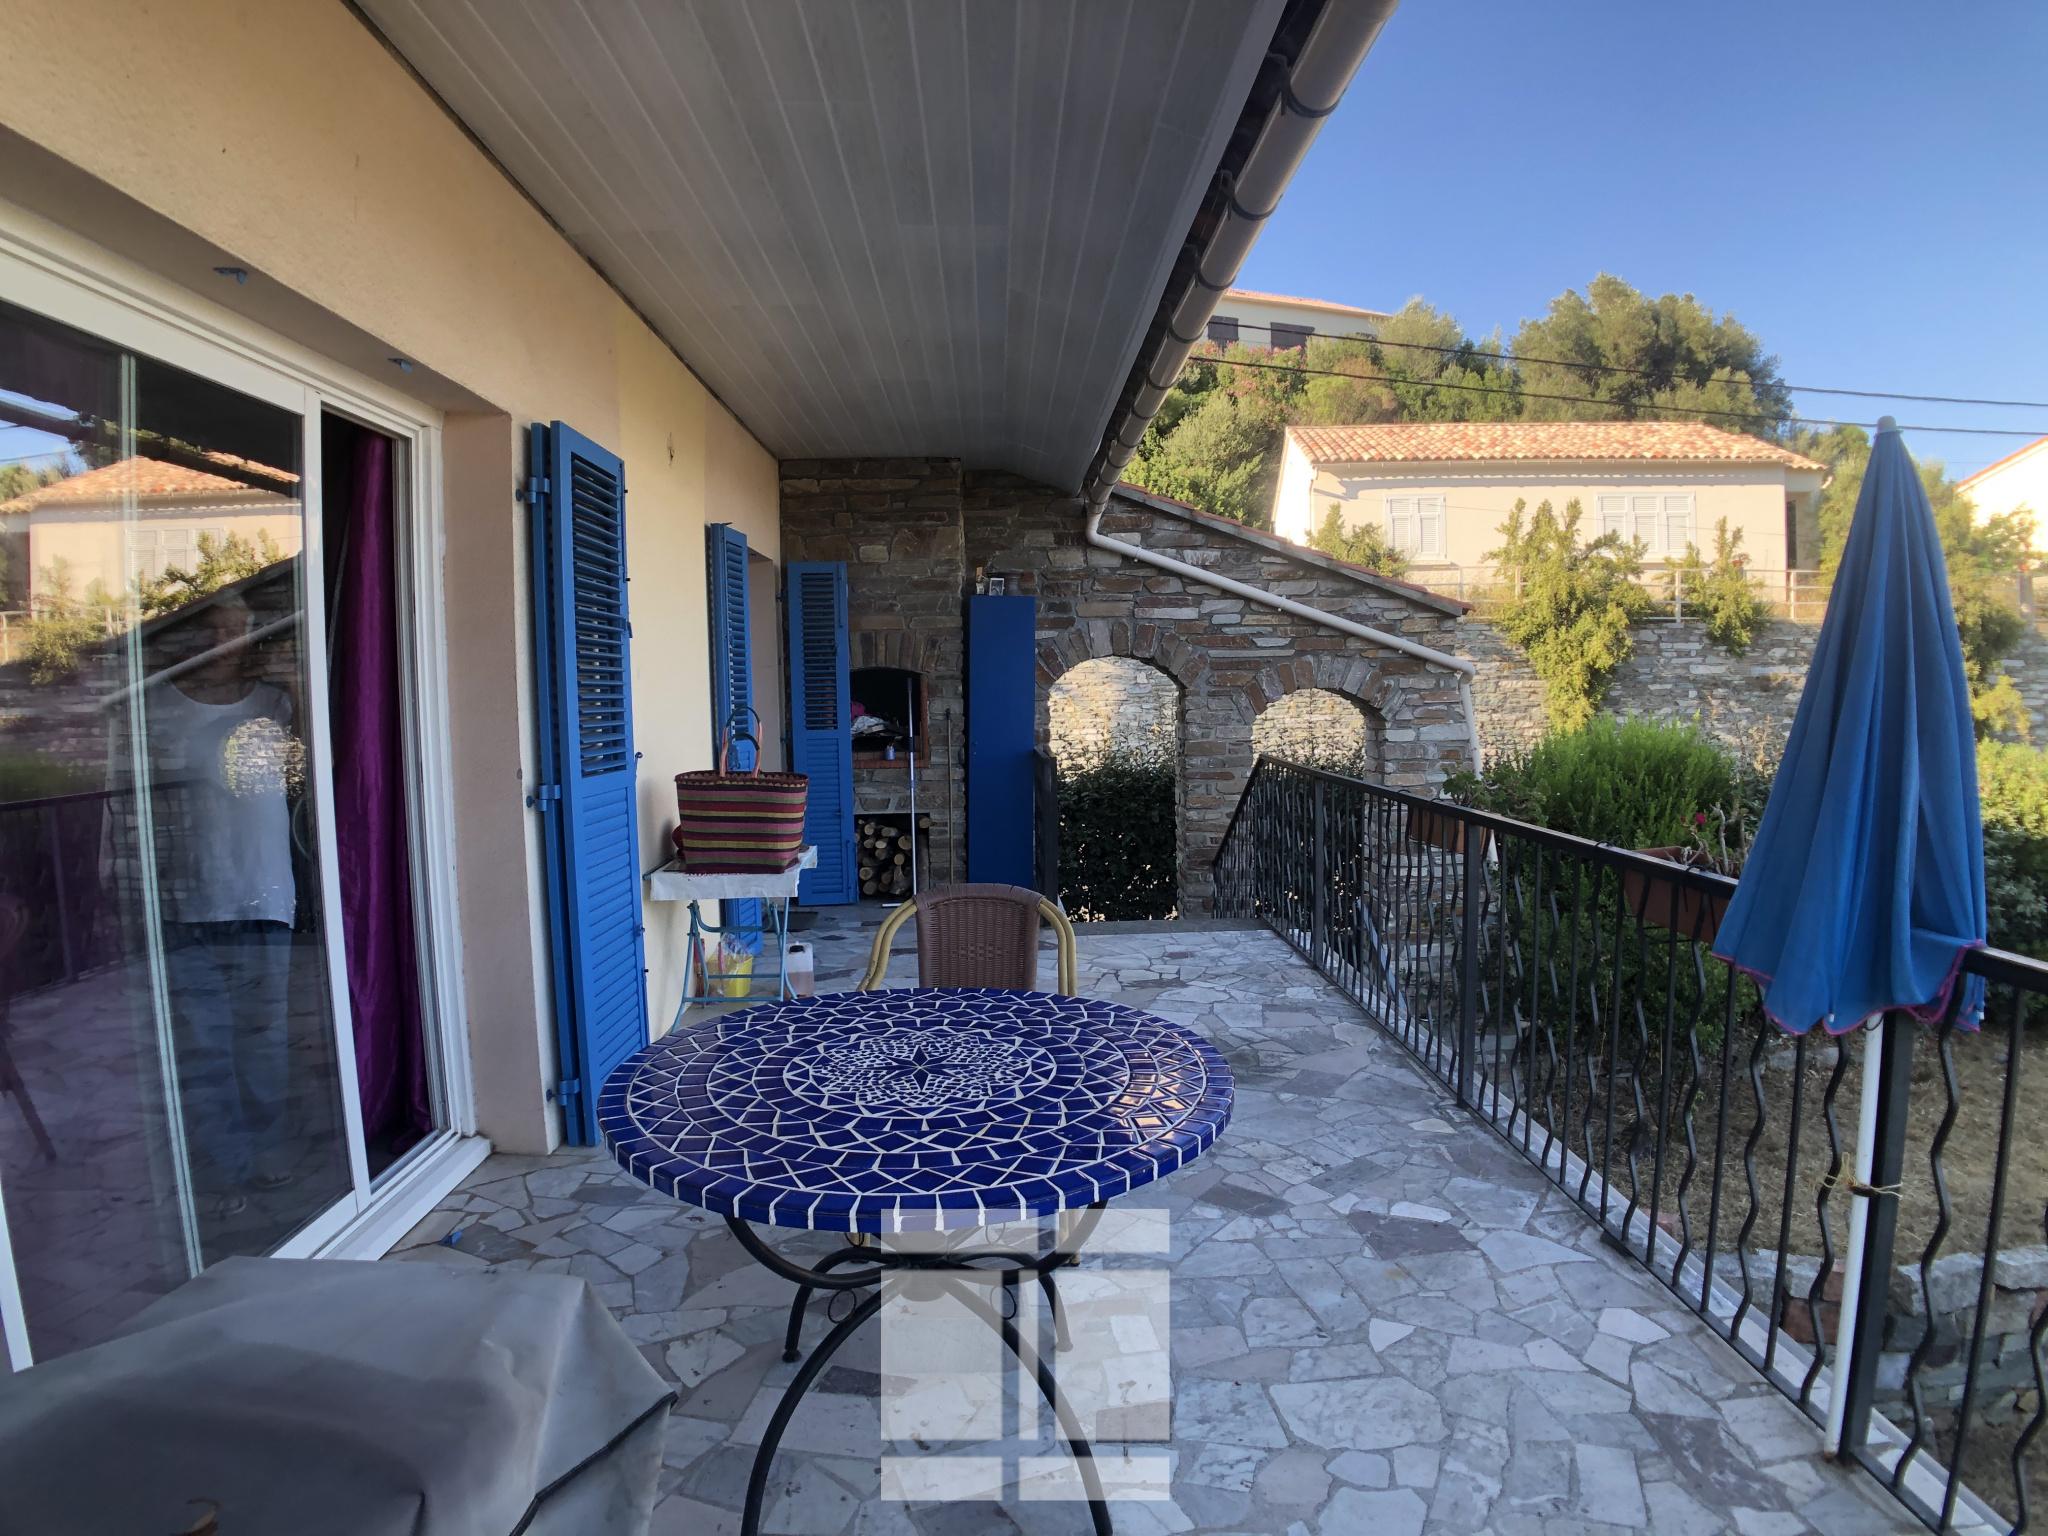 Maison au cœur du Village de Miomo à 200 m de la mer.